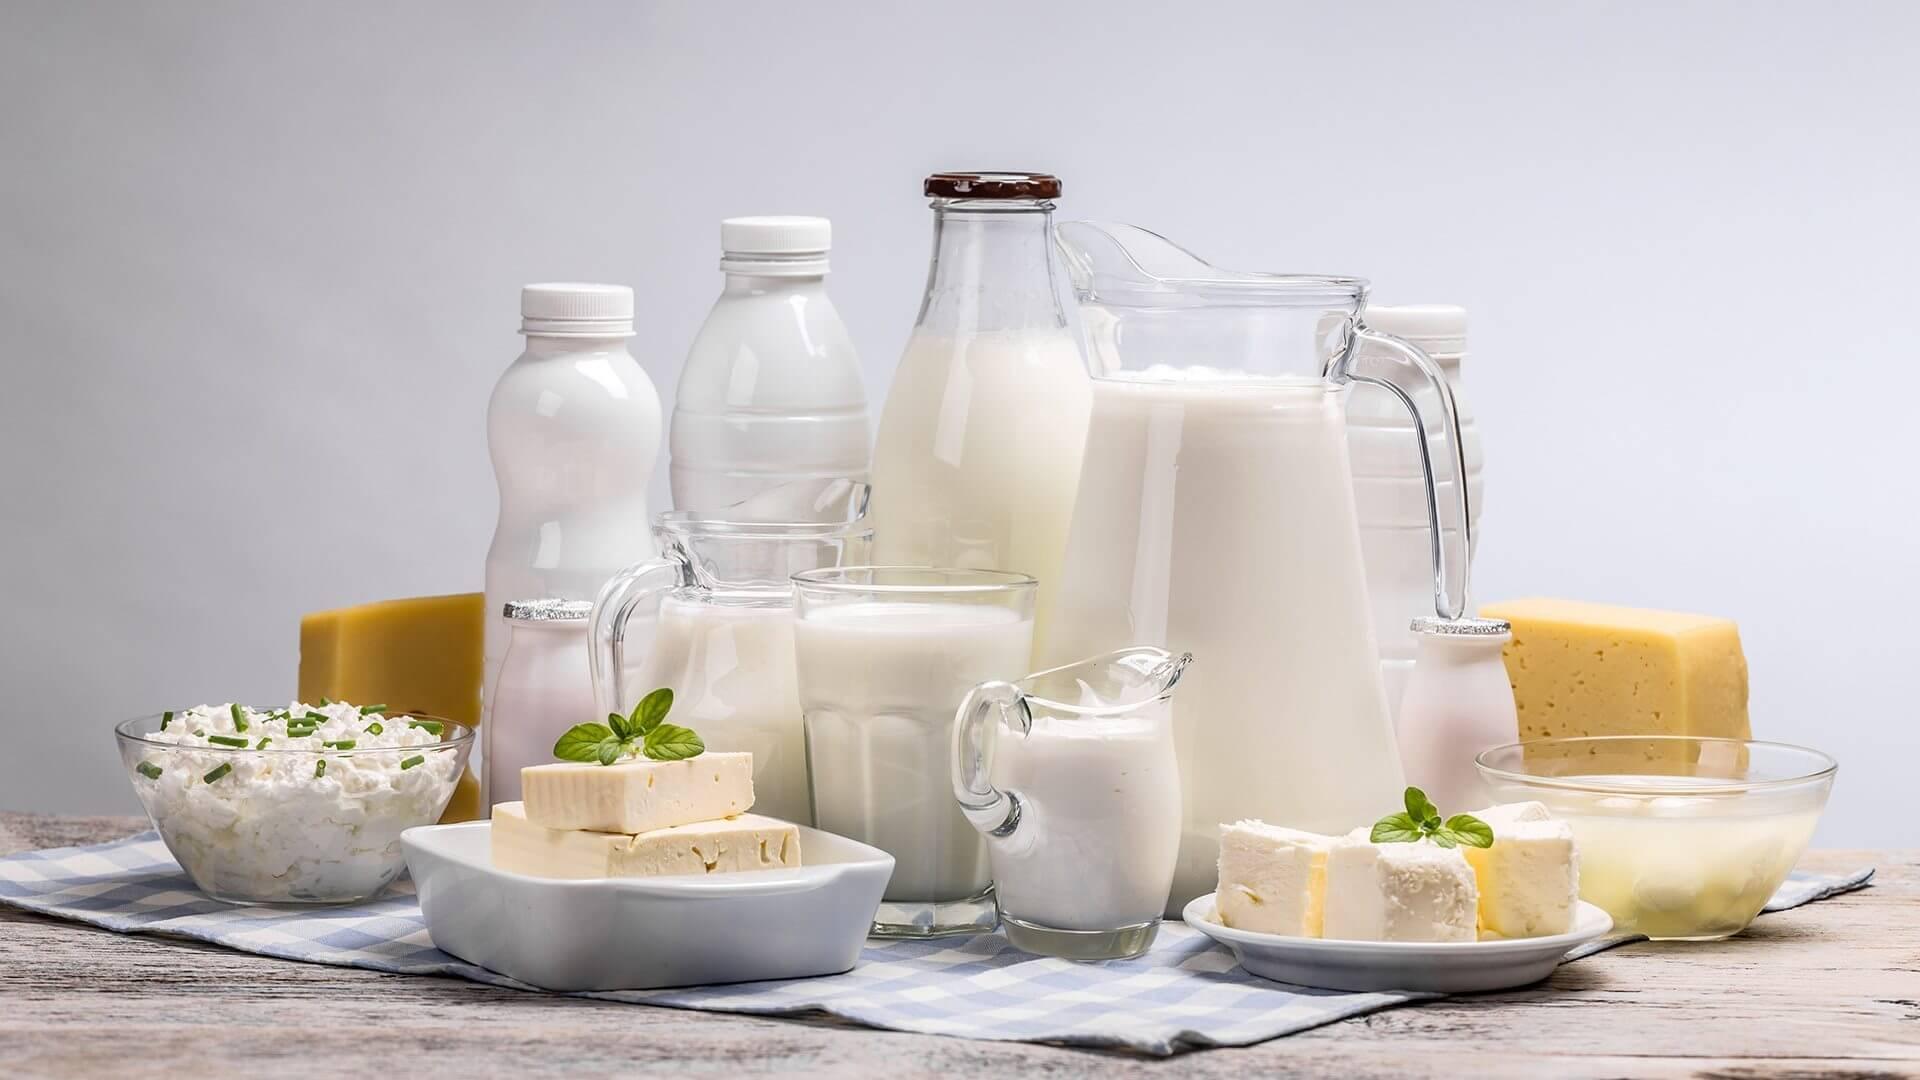 Полножирные молочные продукты могут помочь снизить кровяное давление